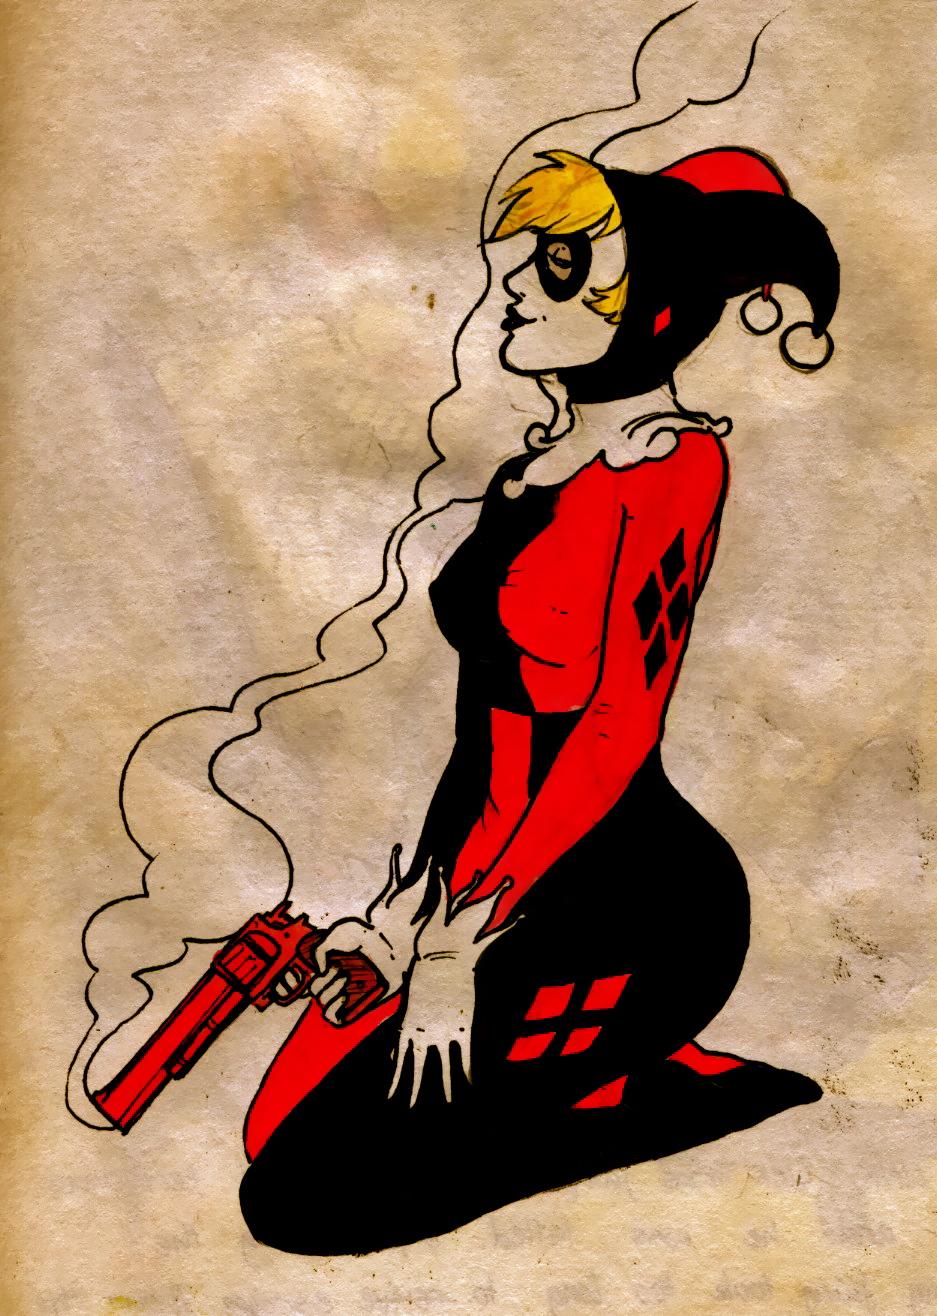 Harley quinn ... again